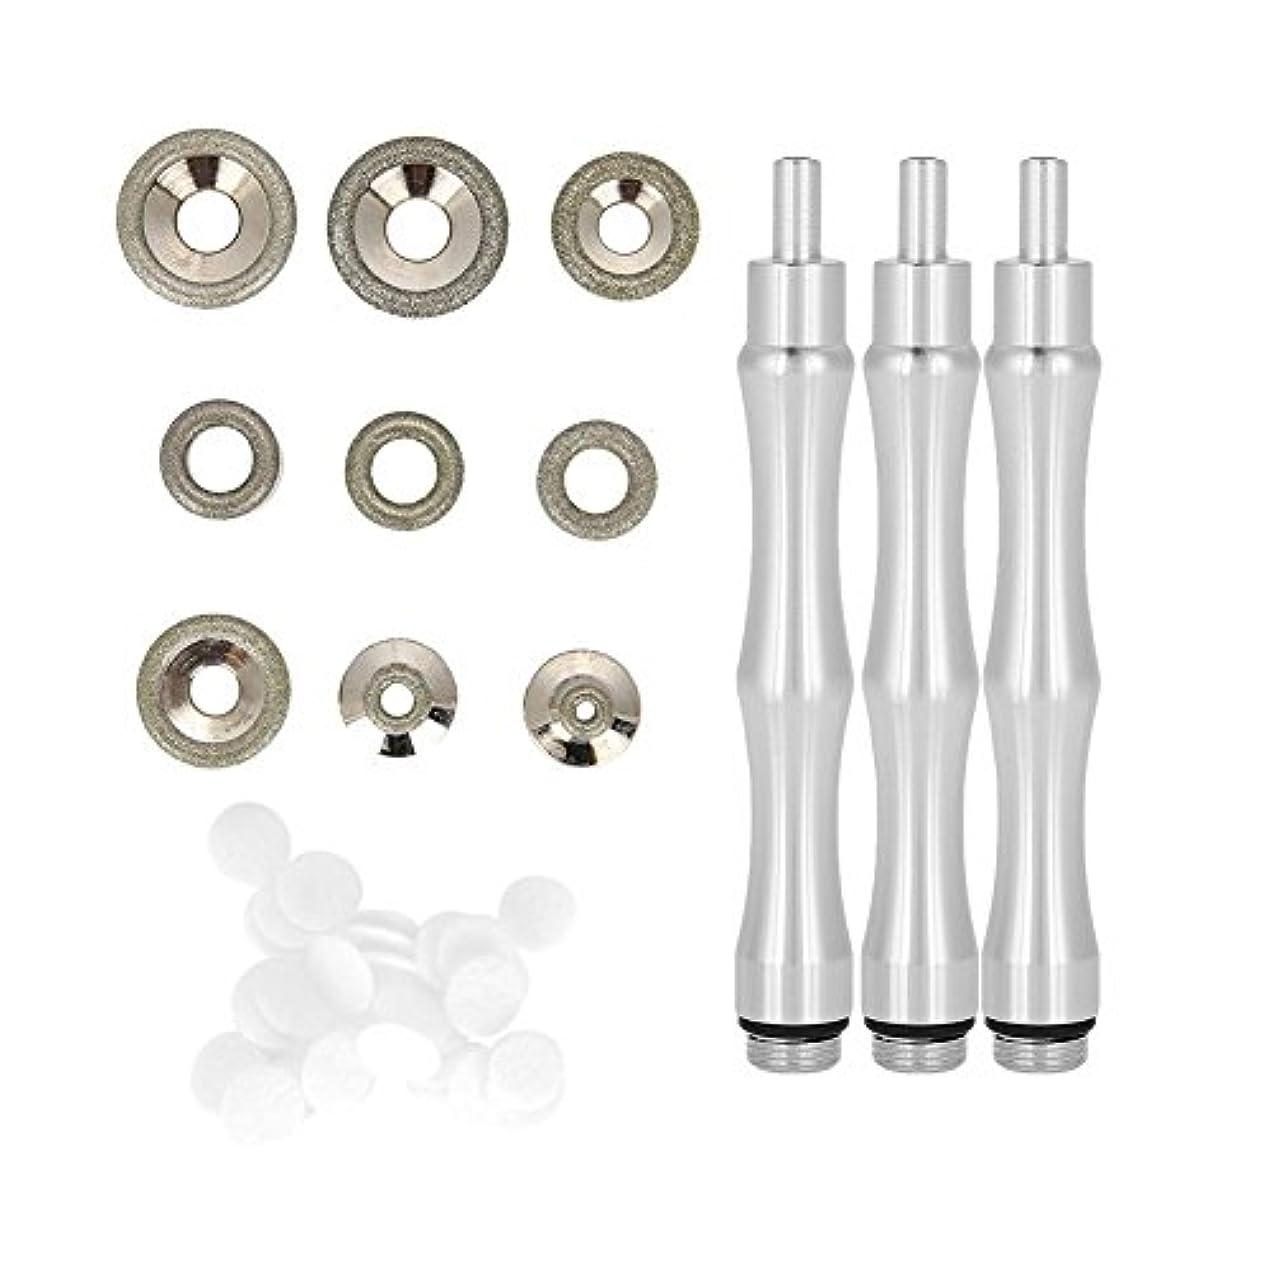 ダイヤモンドマイクロダーマブレーションヒント 、交換用、ハンドル付き、ステンレススチール製フィルターセット